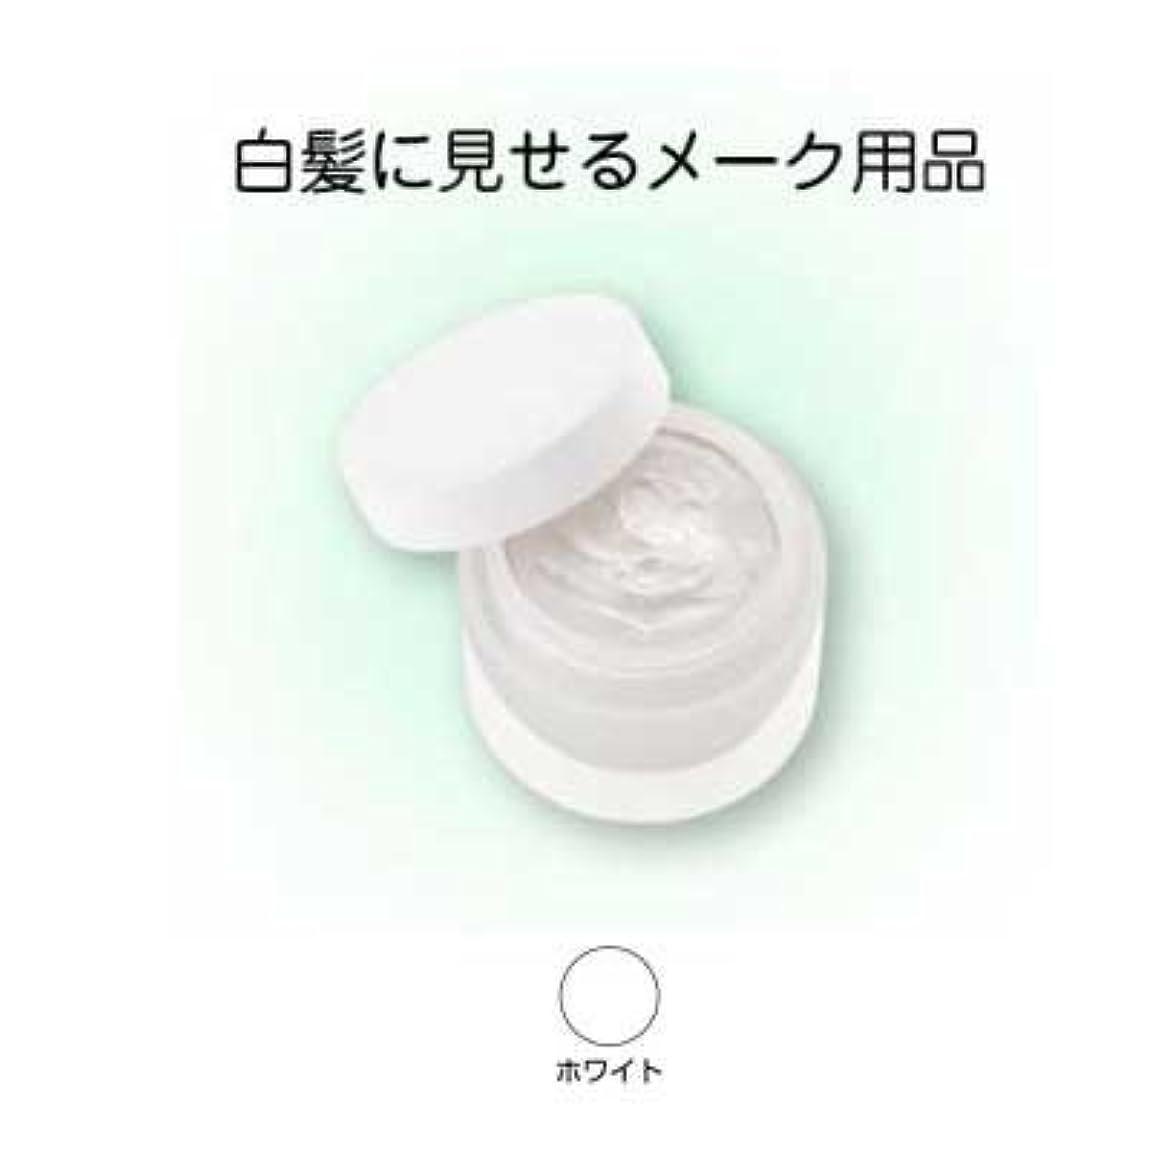 信条ゆるく流ヘアシルバー 33g ホワイト【三善】